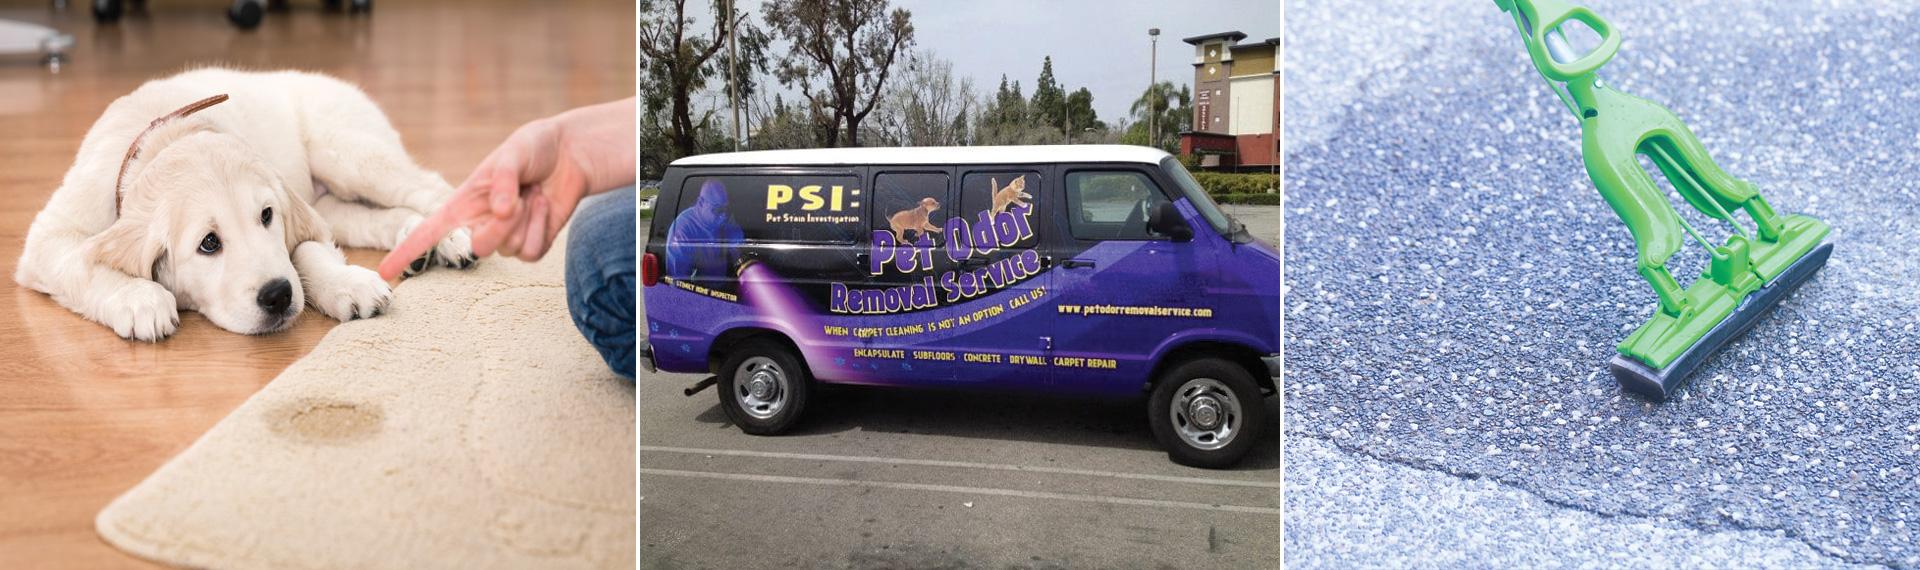 Pet Odor Removal Service Brea CA